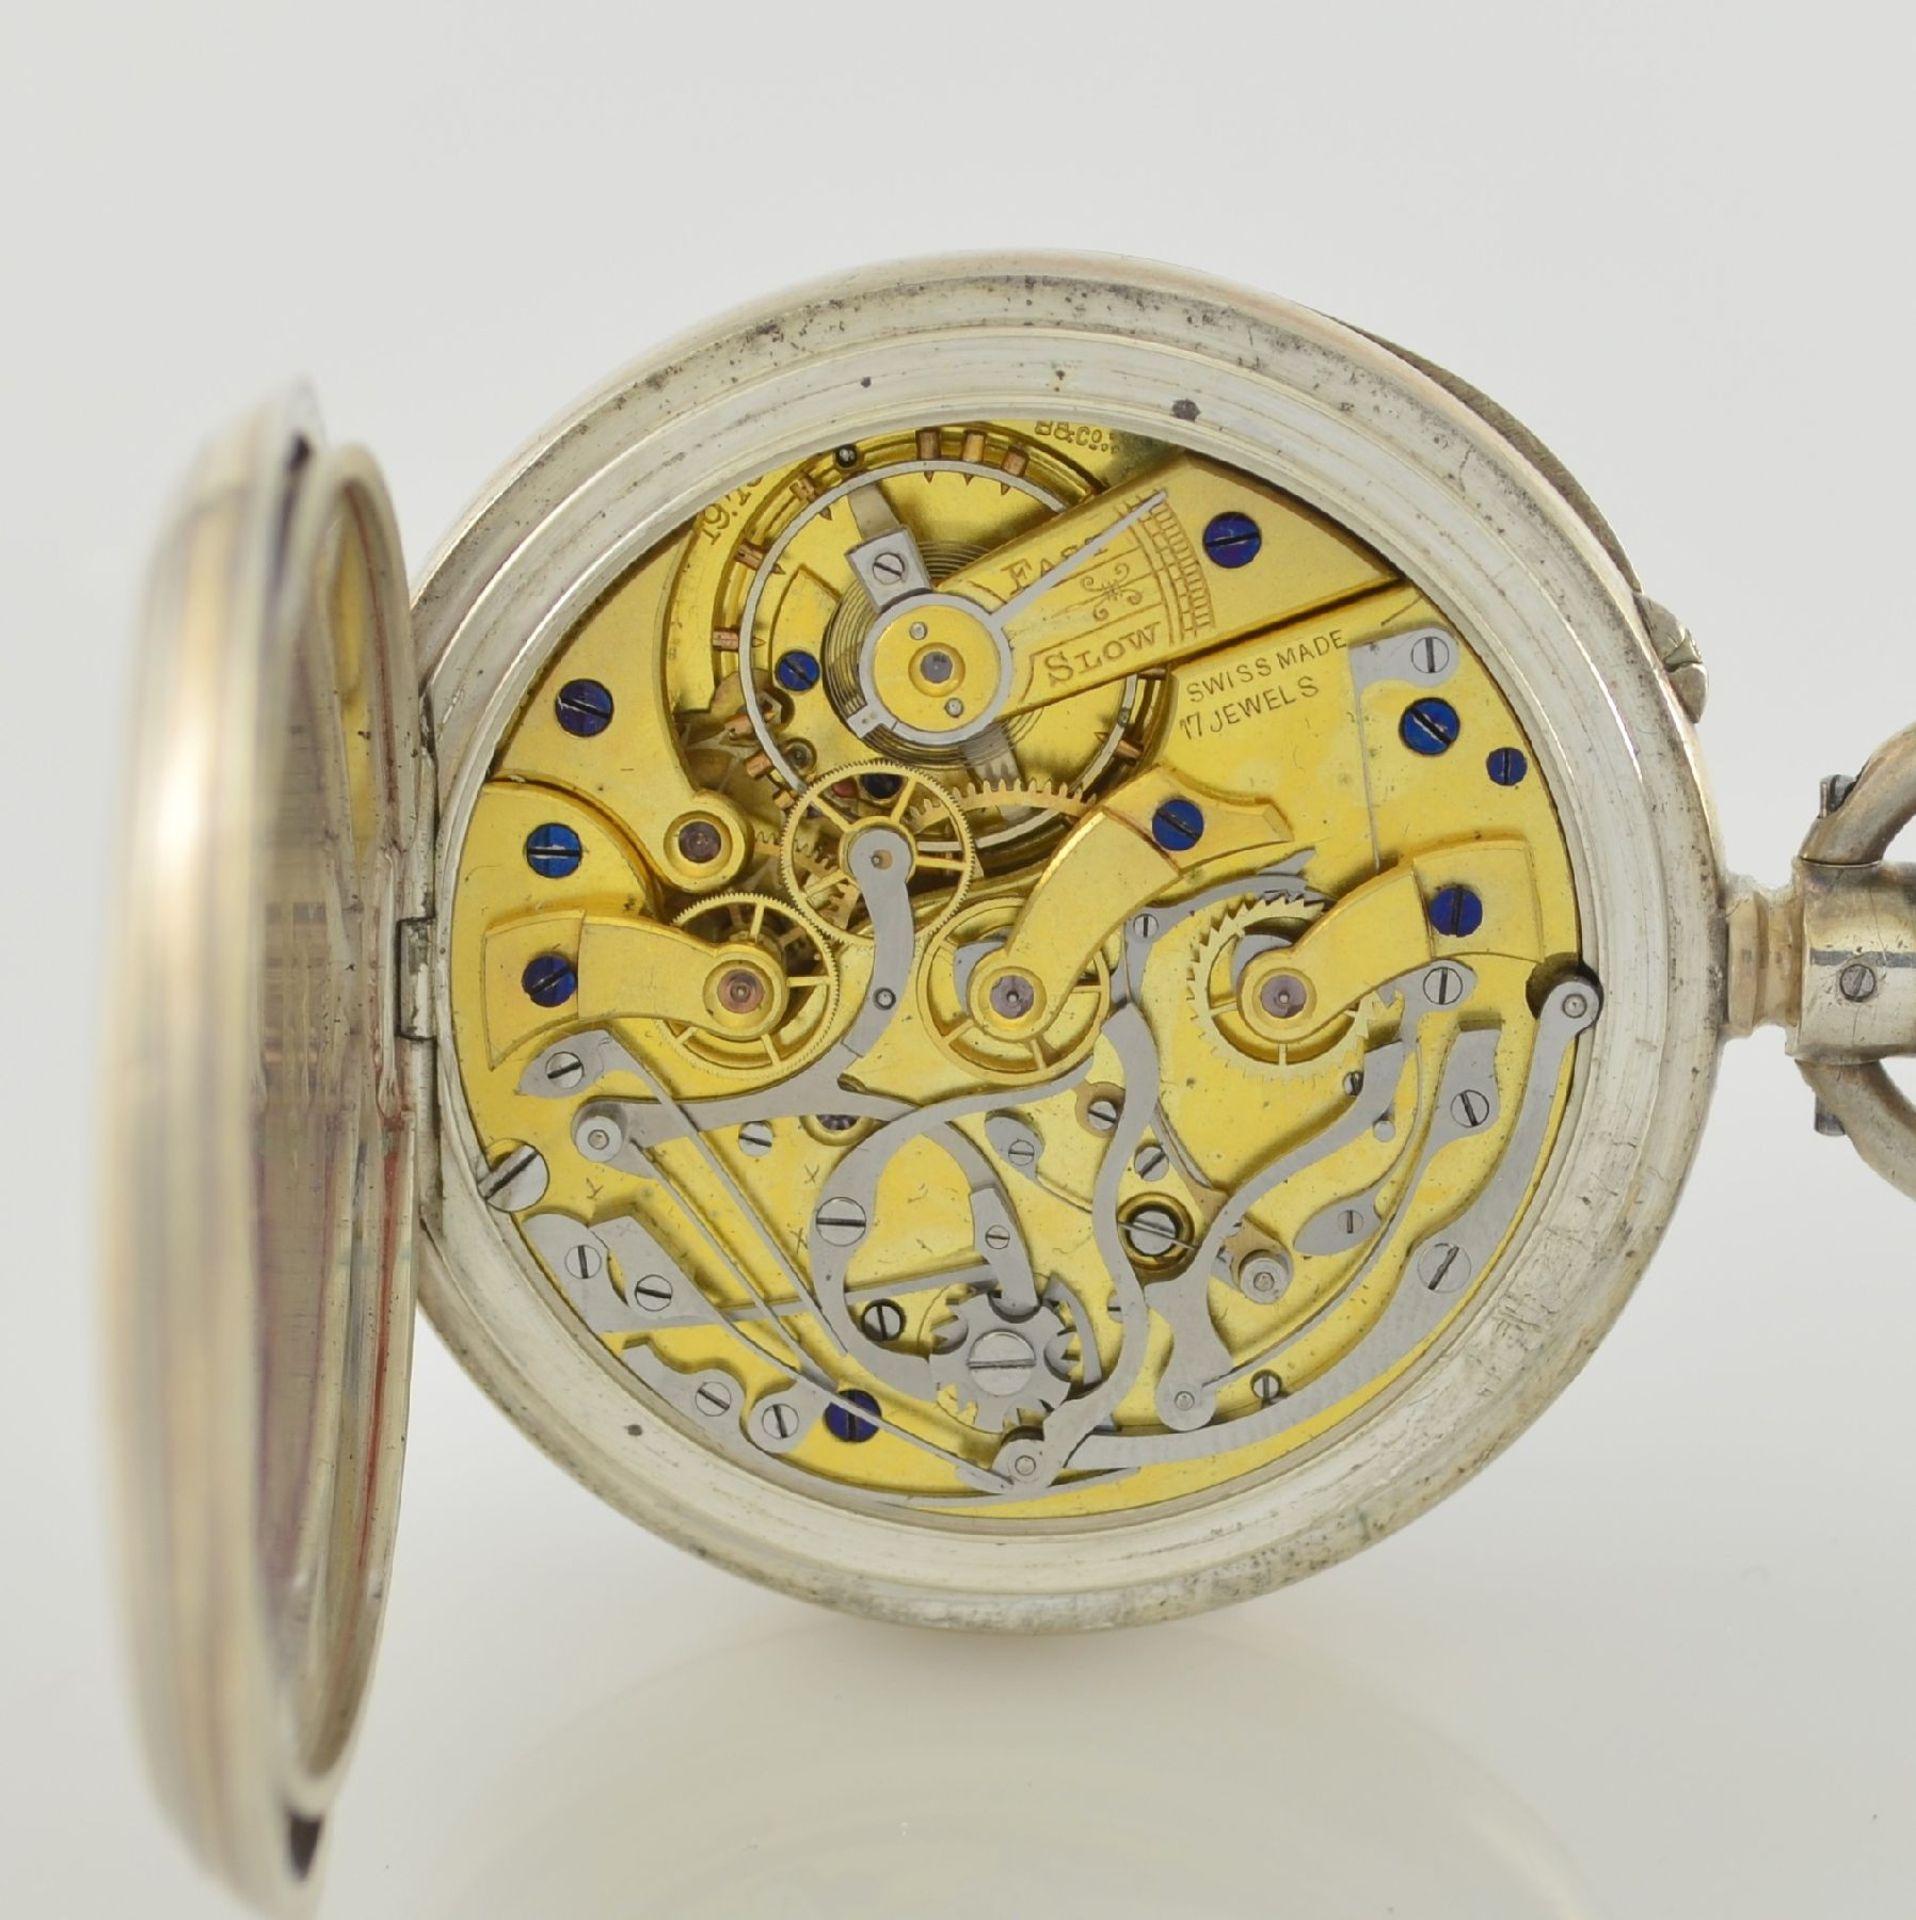 LONGINES offene Silbertaschenuhr mit Chronograph, Schweiz lt. Hallmark 1913, glattes Geh. m. - Bild 6 aus 7